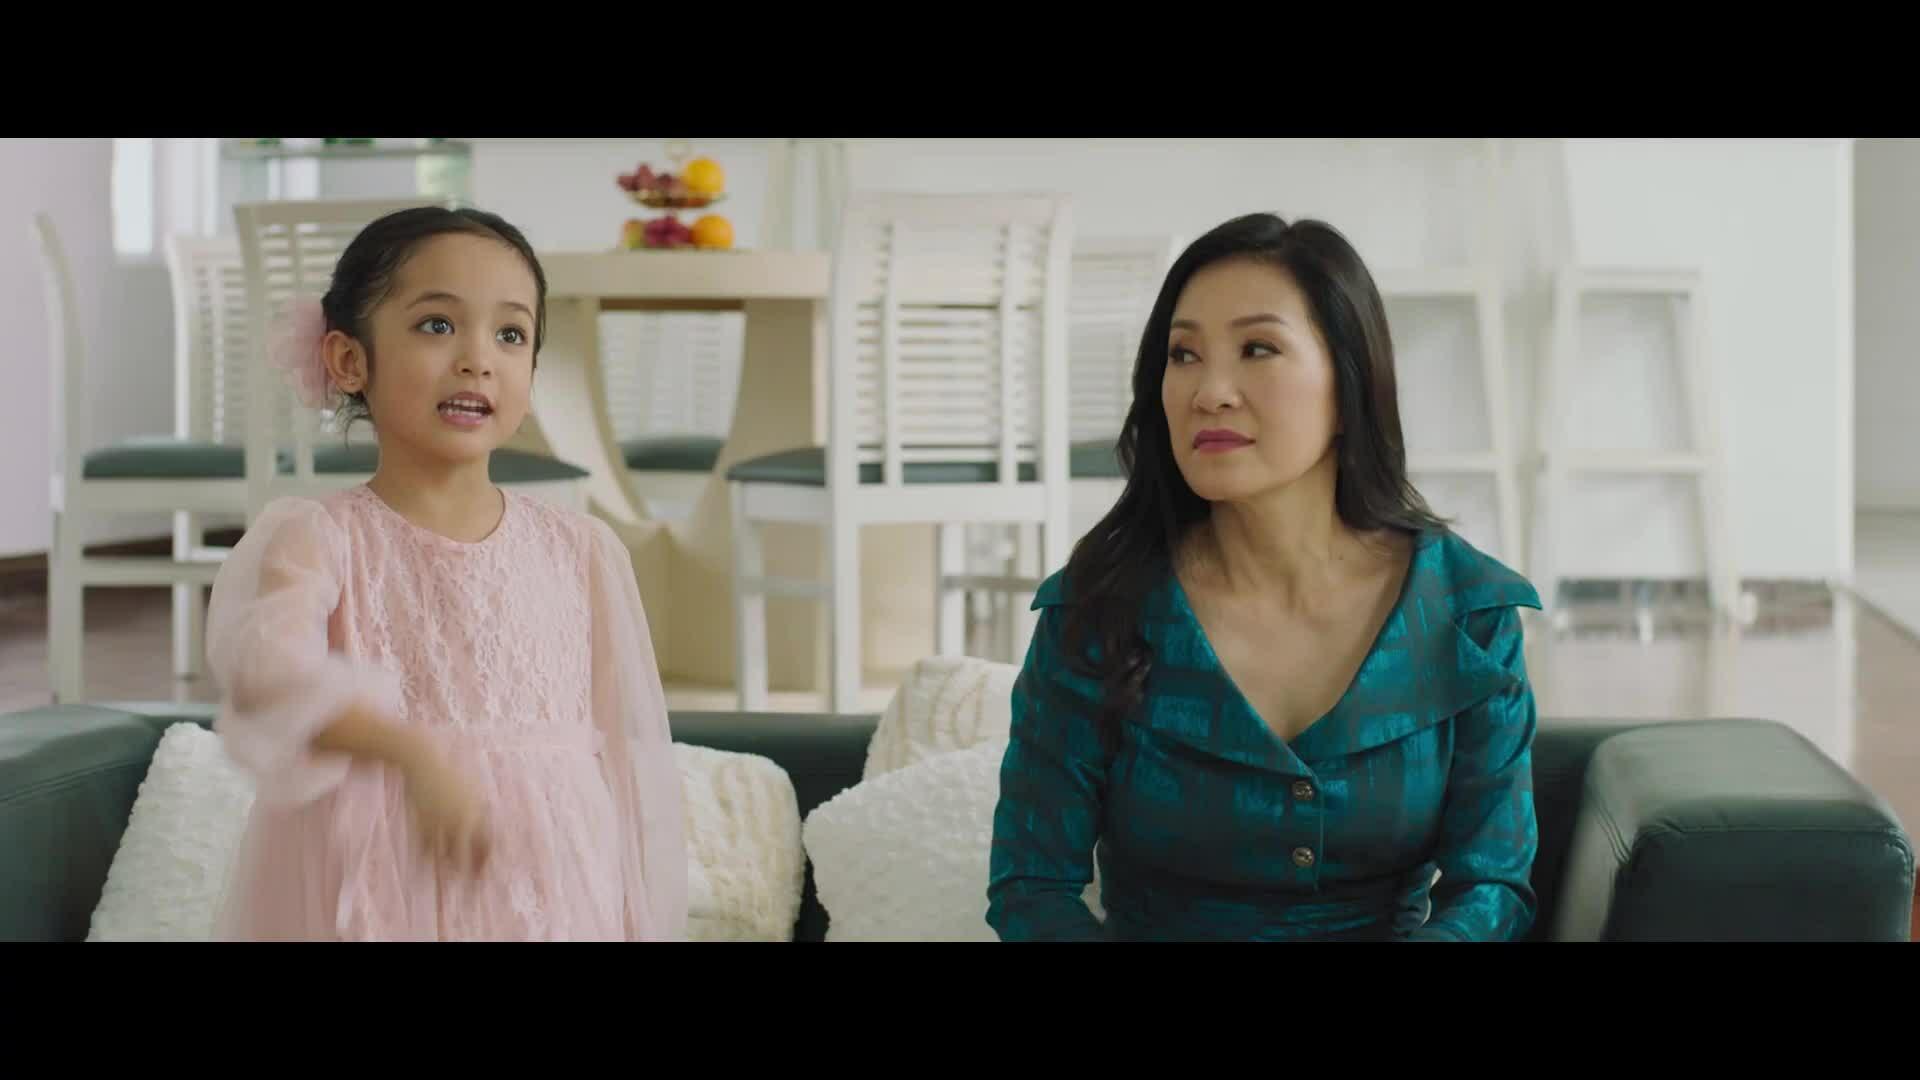 Trailer Tìm chồng cho mẹ